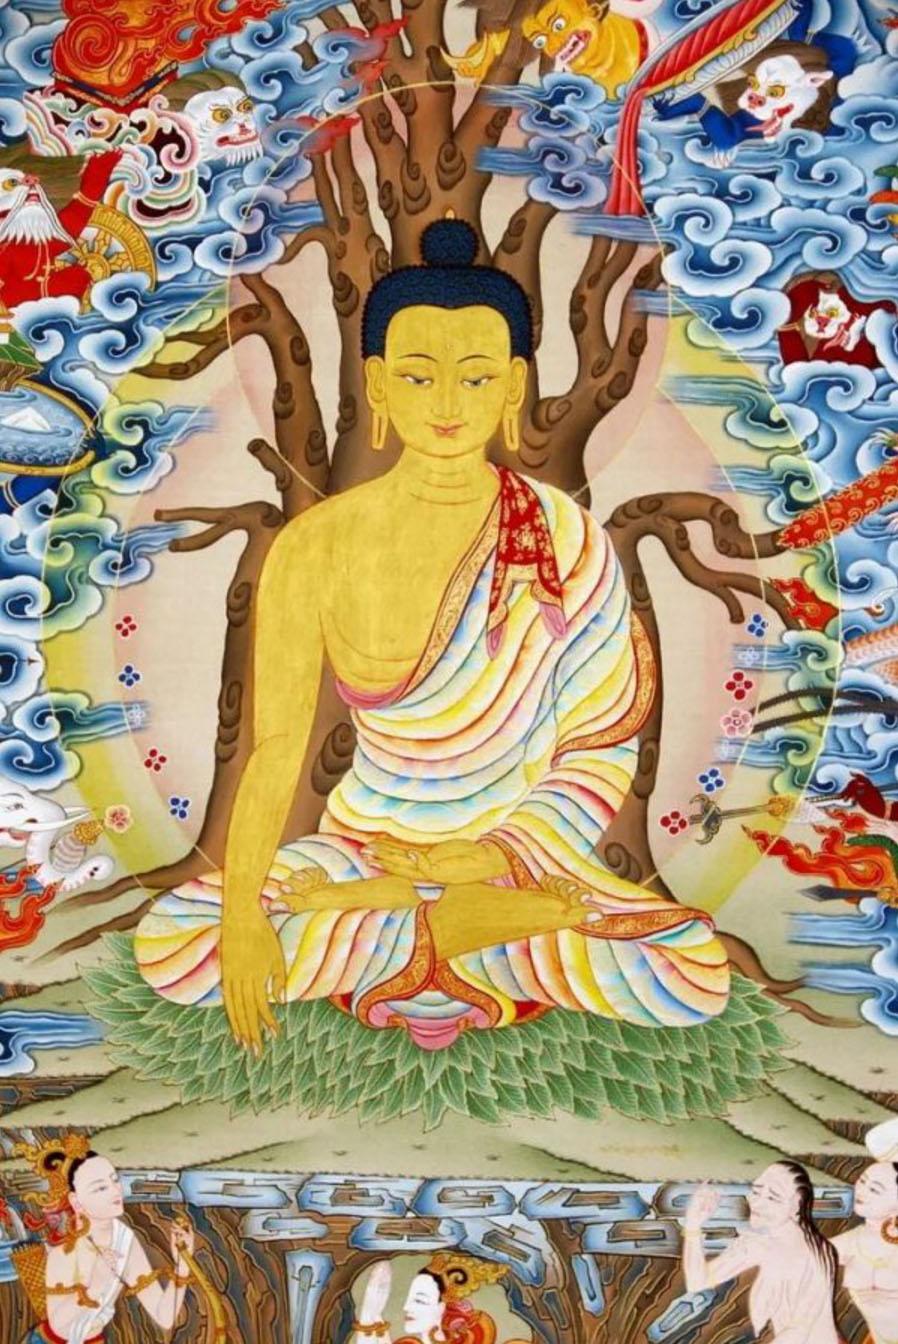 爱国爱教是中国佛教的优良传统